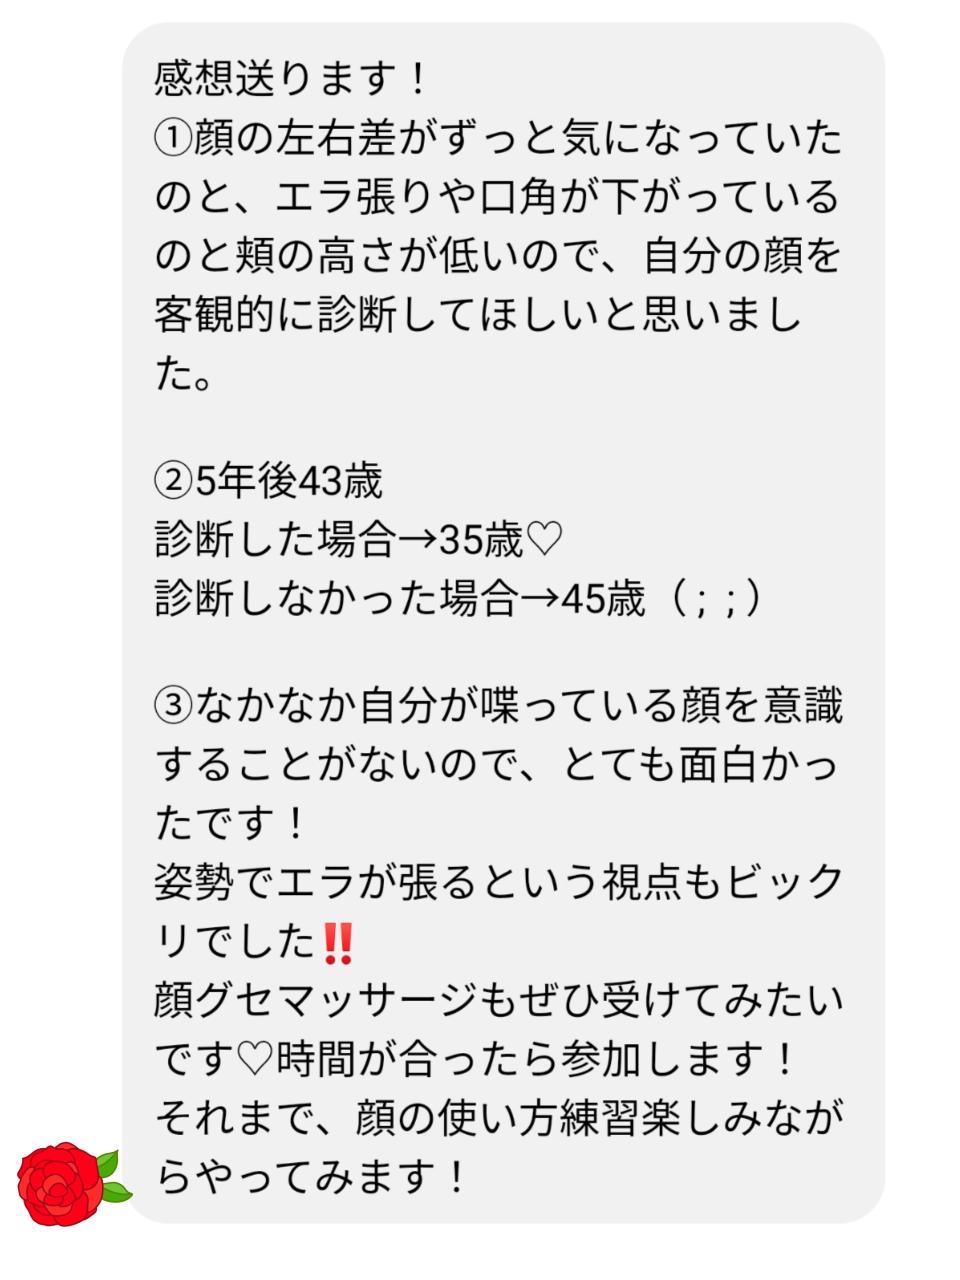 袋井エステ 顔グセ診断 アンケート